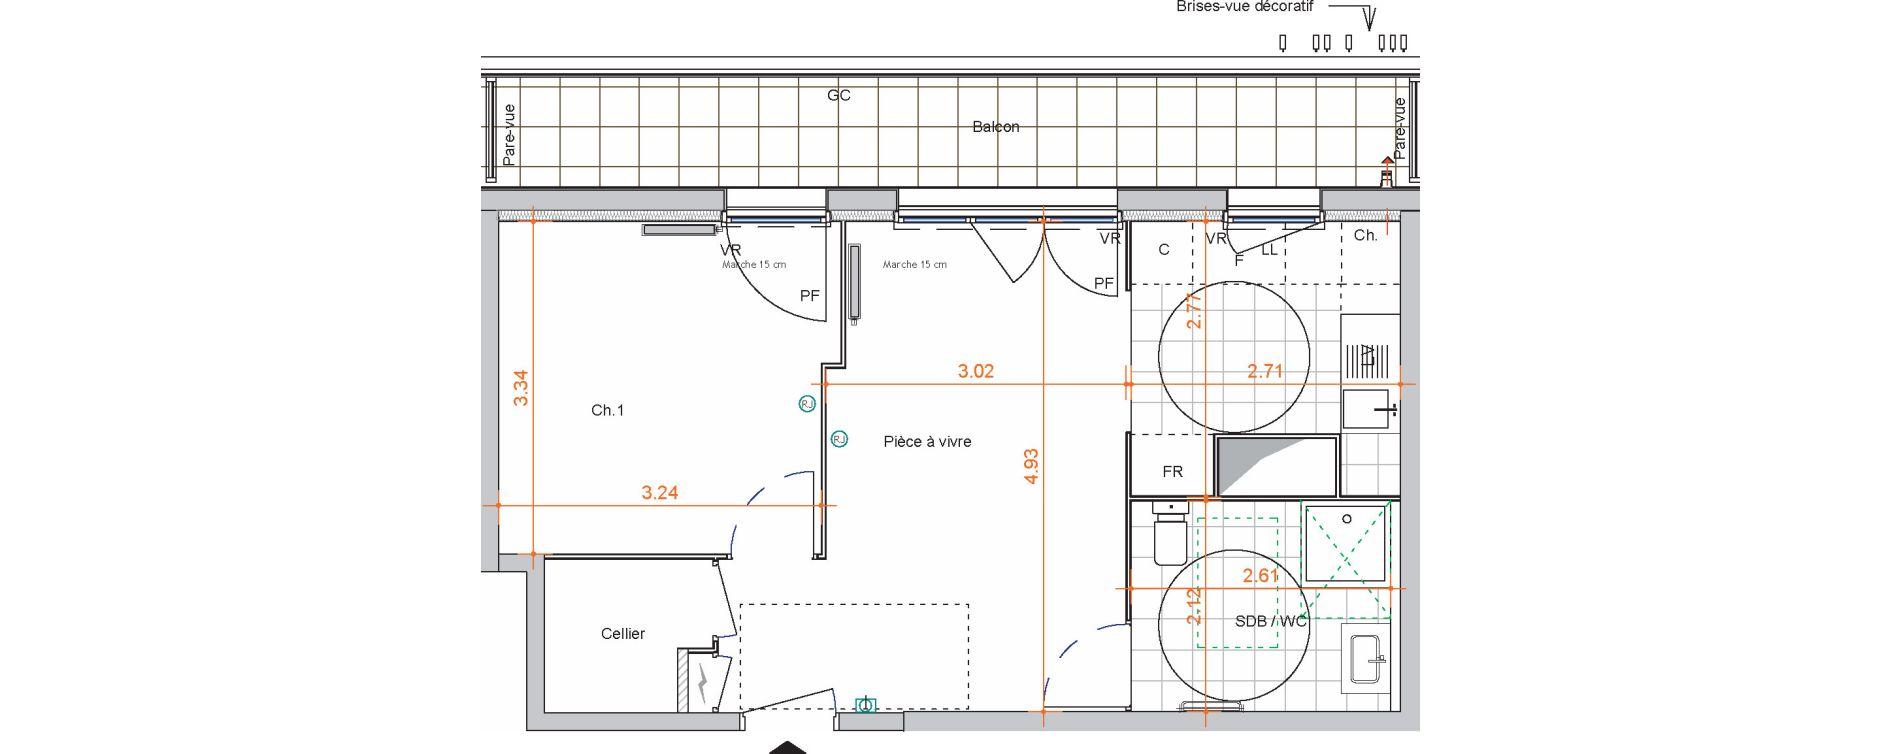 Appartement T2 de 42,00 m2 à Saint-Jean-De-Braye Centre ville